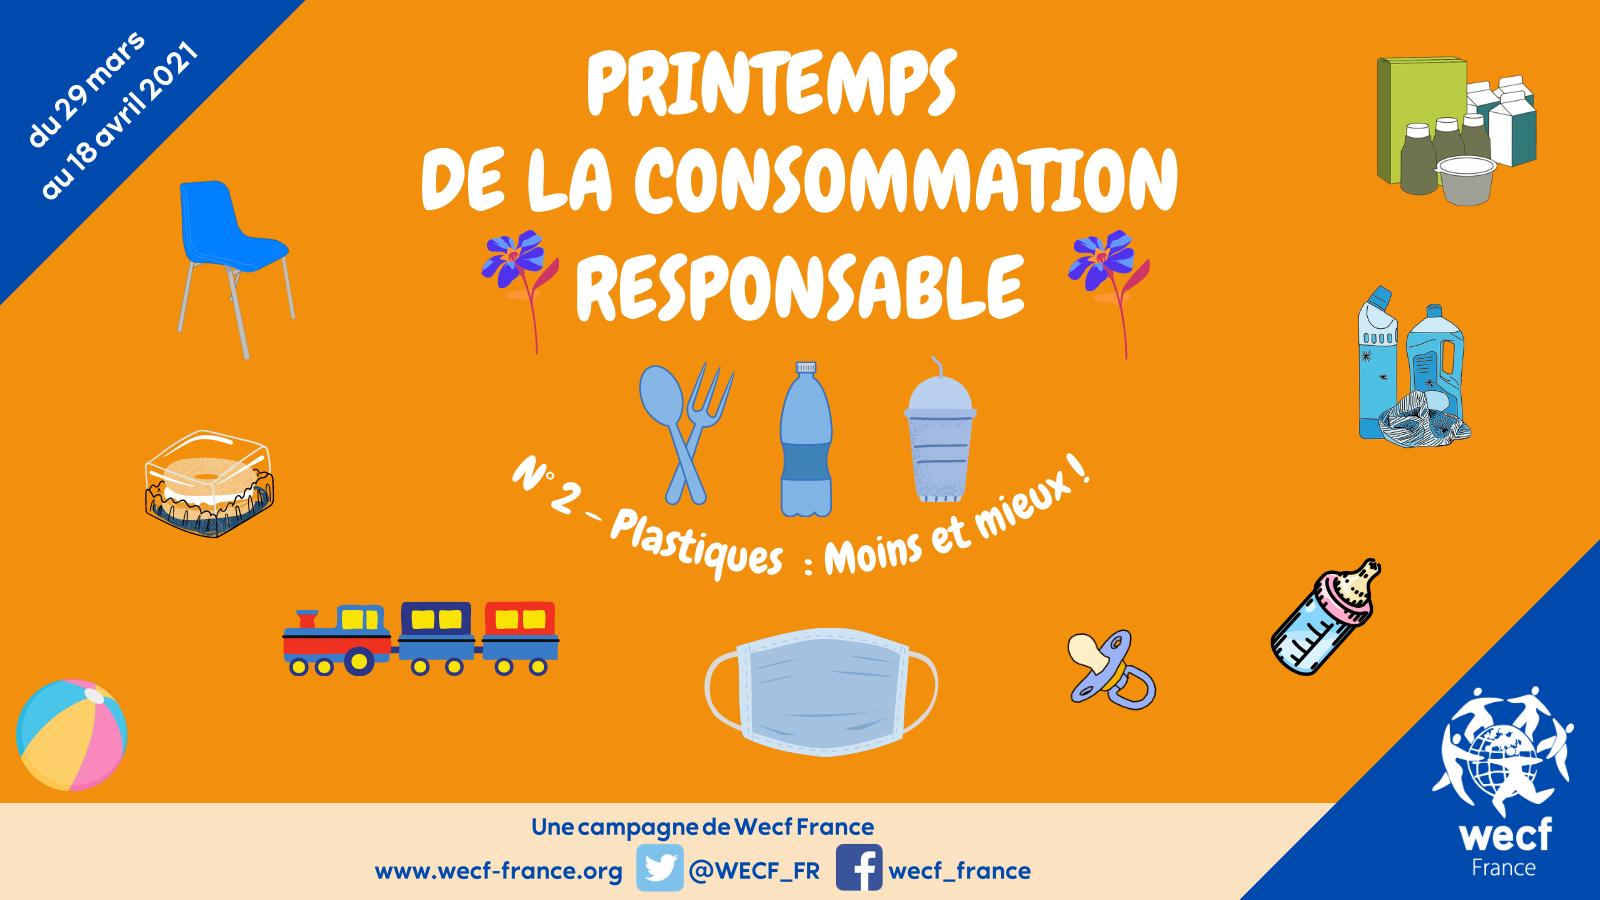 Printemps de la consommation responsable – N° 2 : les plastiques